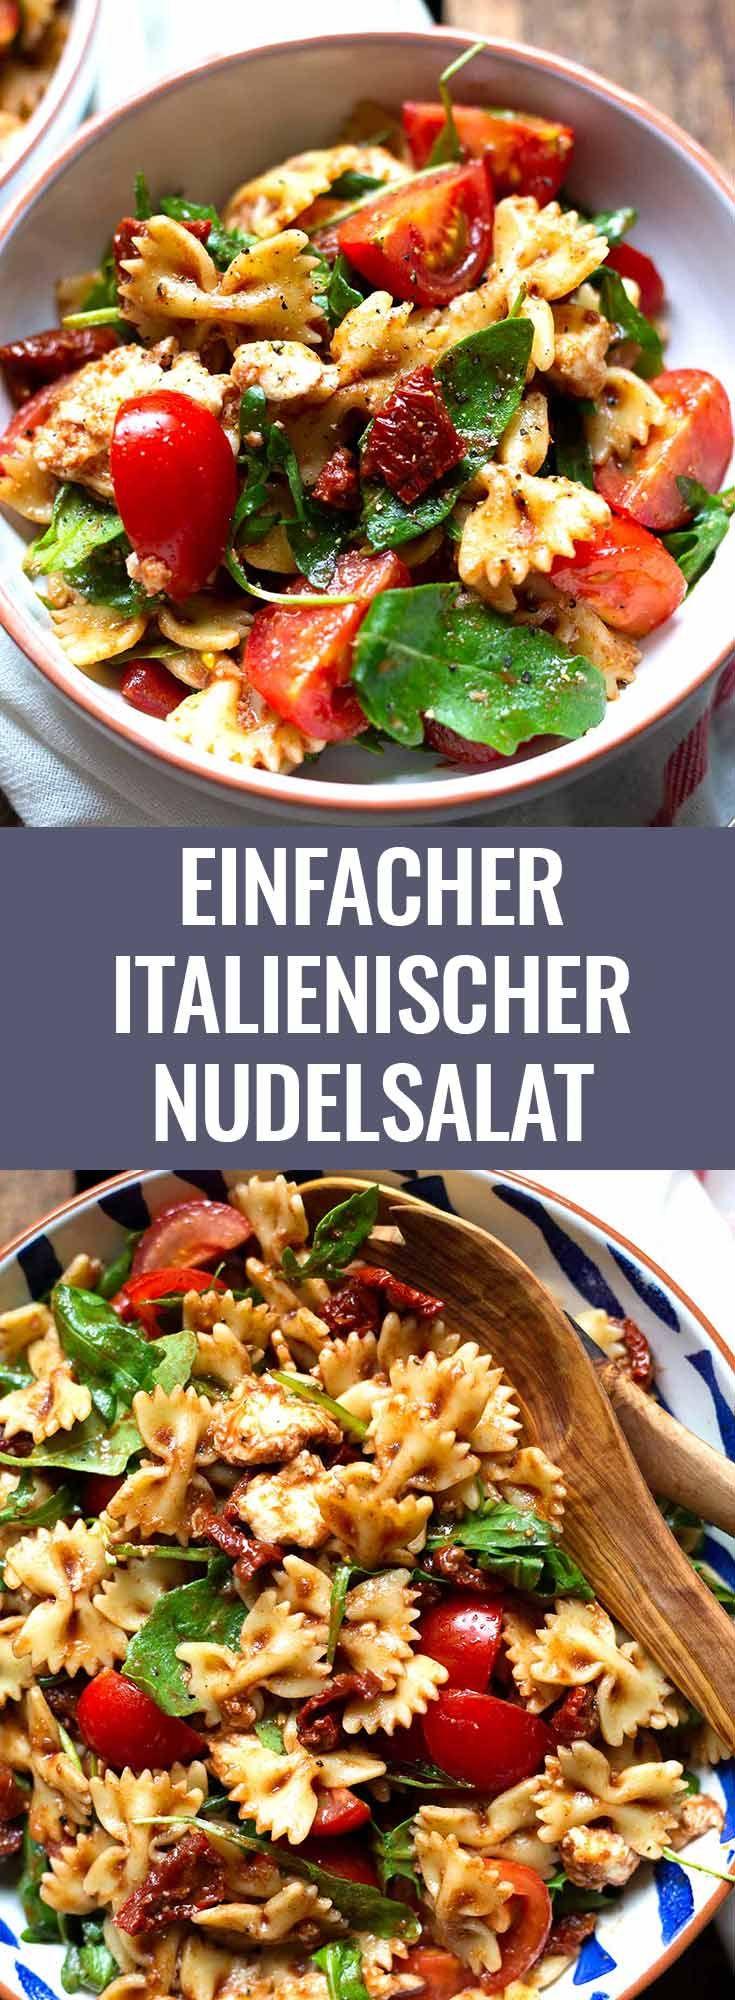 Einfacher italienischer Nudelsalat mit Rucola, getrockneten Tomaten und Mozzarel …  – KOCHKARUSSELL REZEPTE